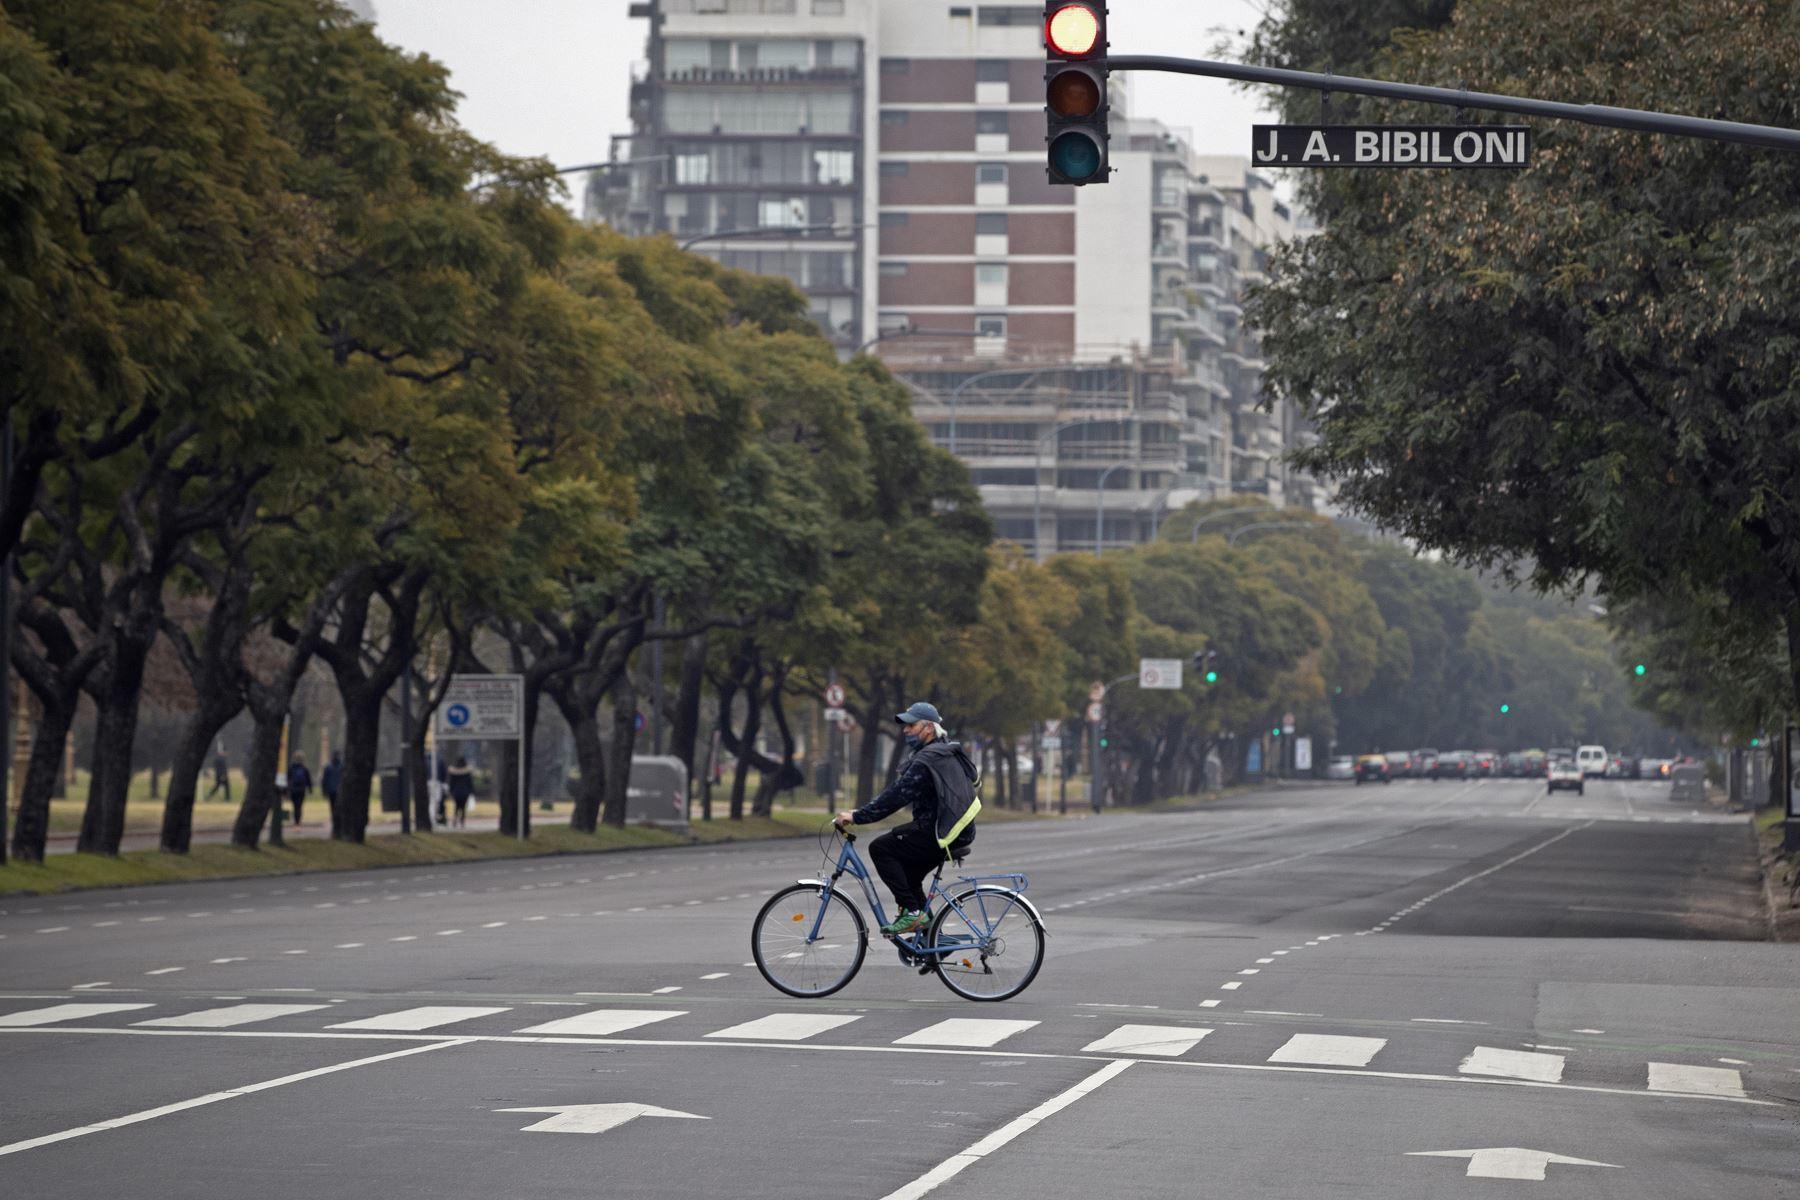 Un hombre cruza una avenida en bicicleta, en el centro de Buenos Aires, Argentina. Foto: AFP